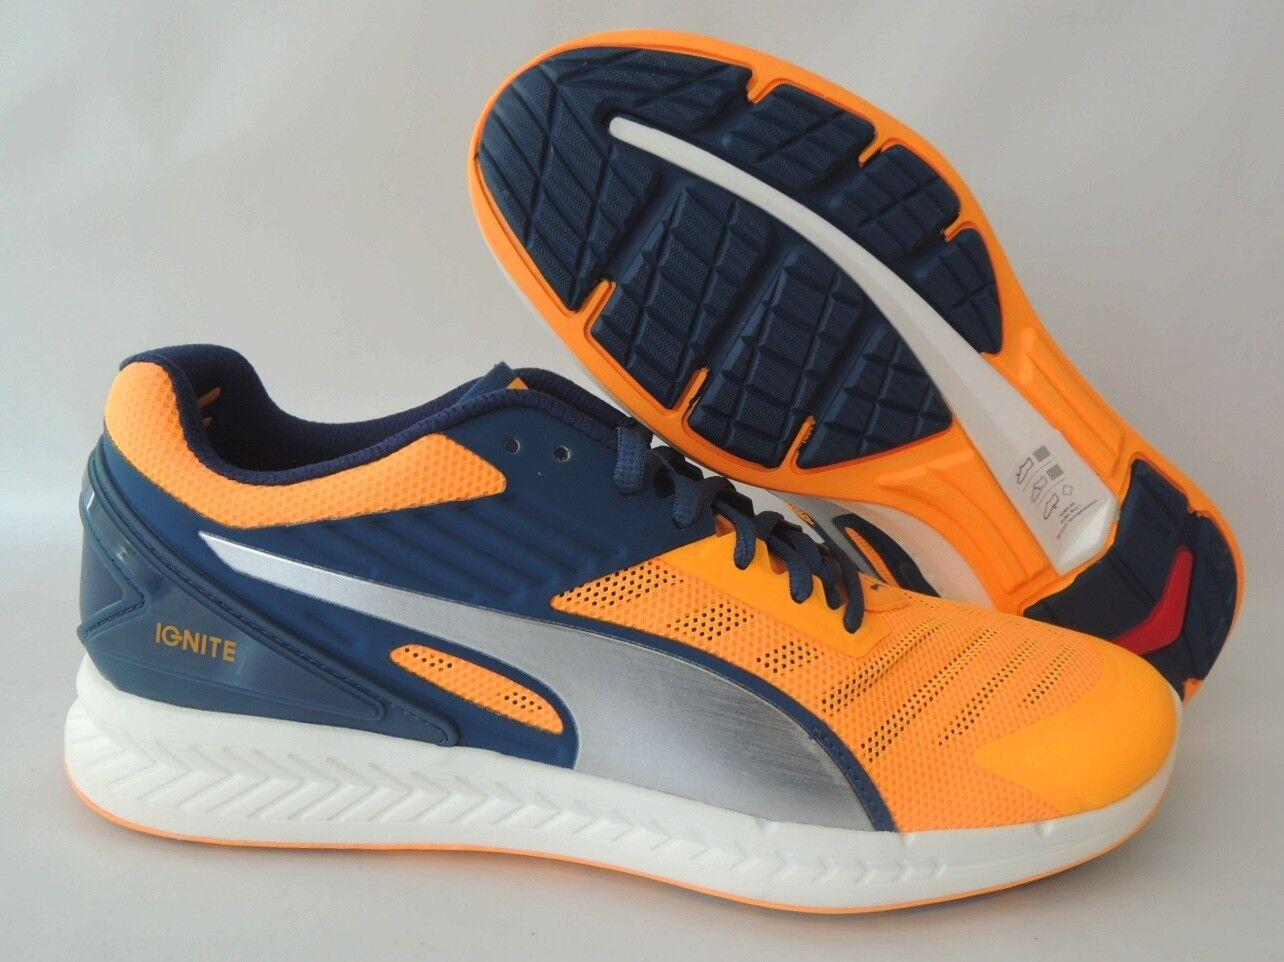 NEU Puma Ignite v2 Gr. 40 Laufschuhe 188611-03 UVP 109,95 Euro Running Schuhe